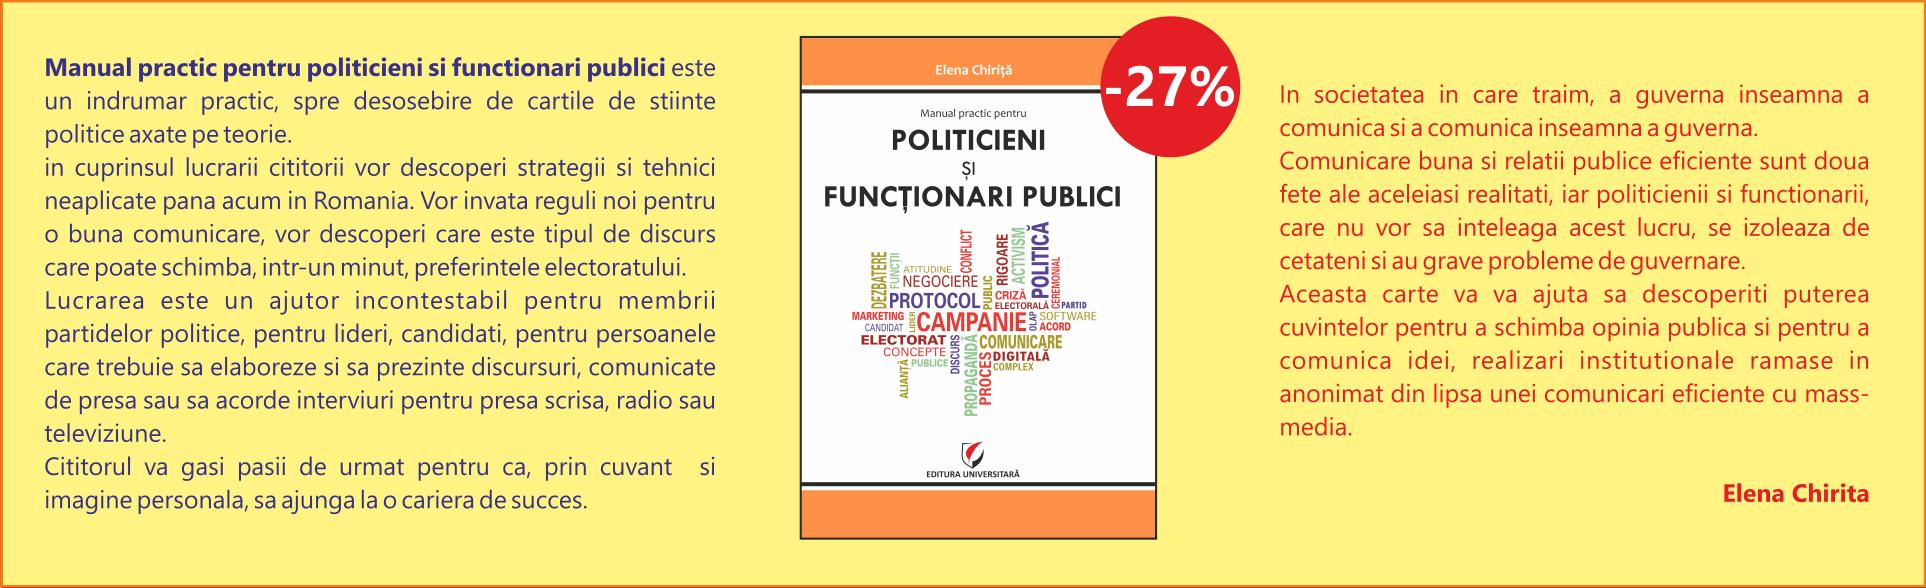 Homepage_5_Manual pentru politicieni